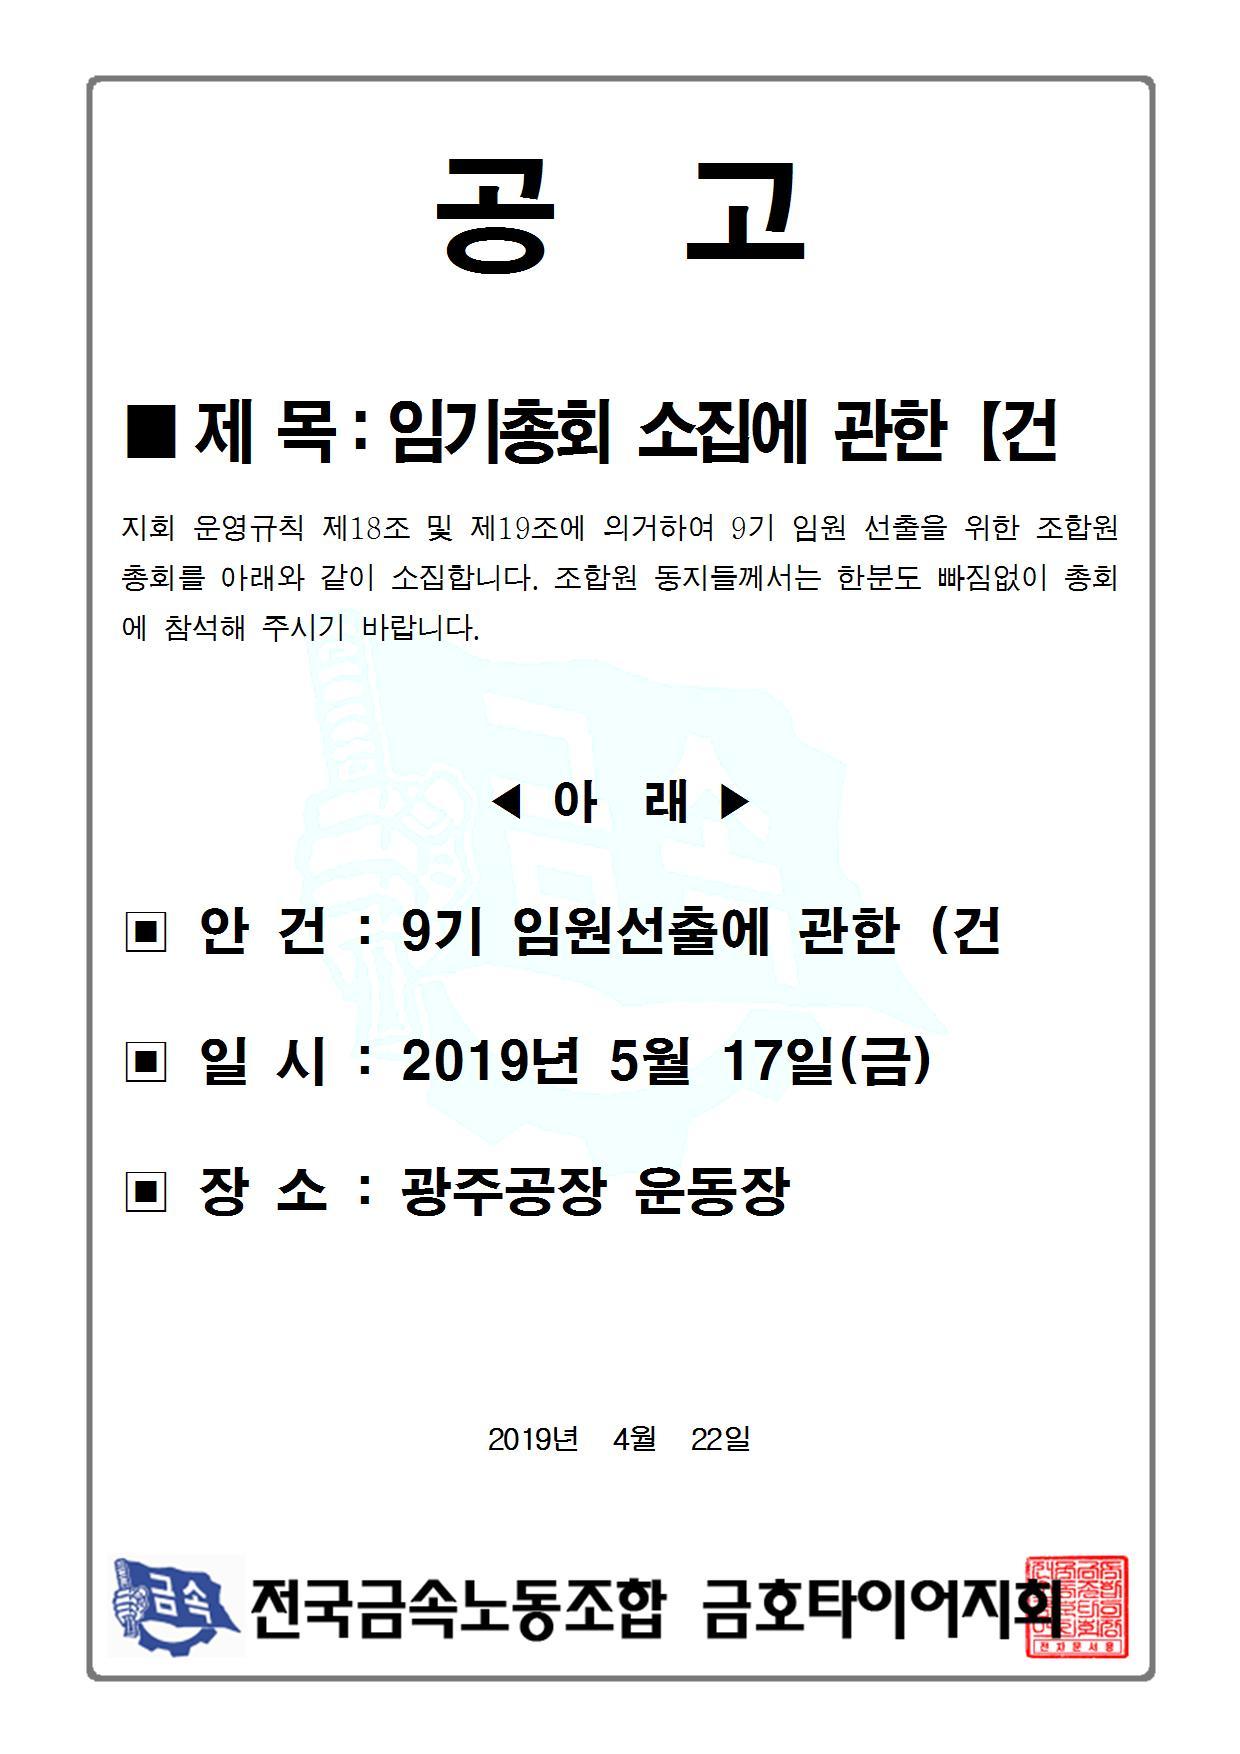 9기임원선거 소집공고001.jpg